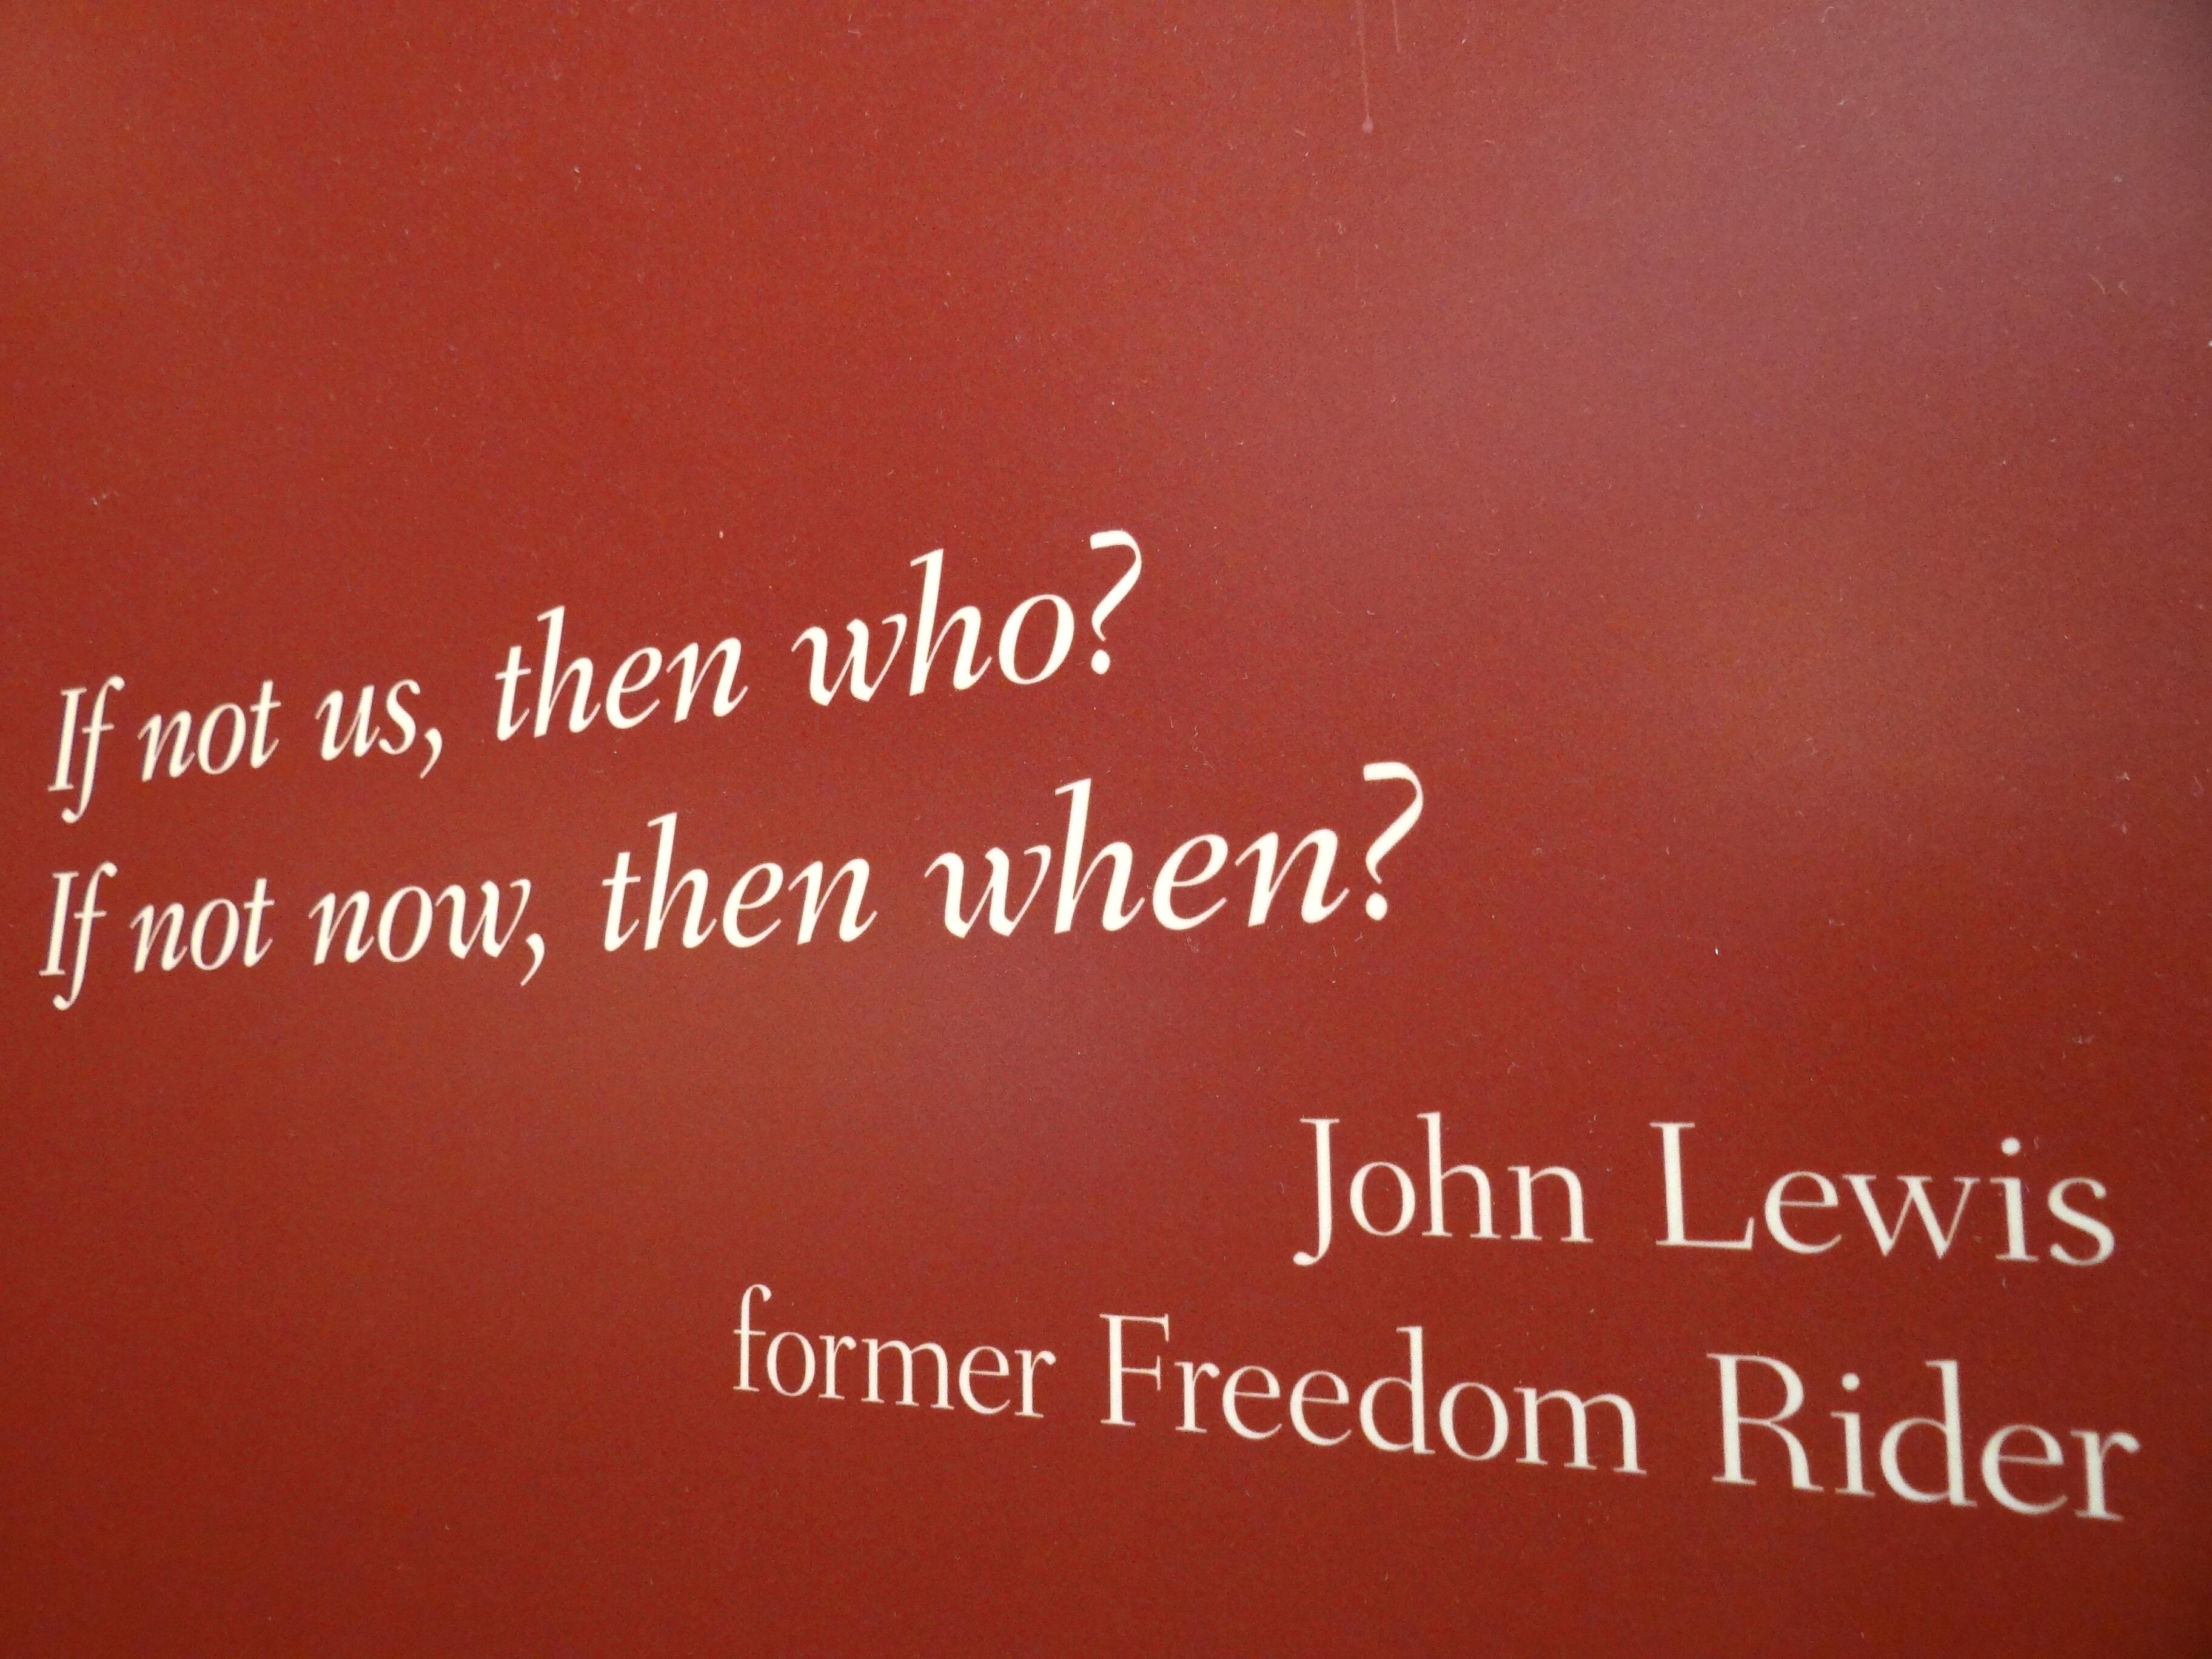 John Lewis's quote #1